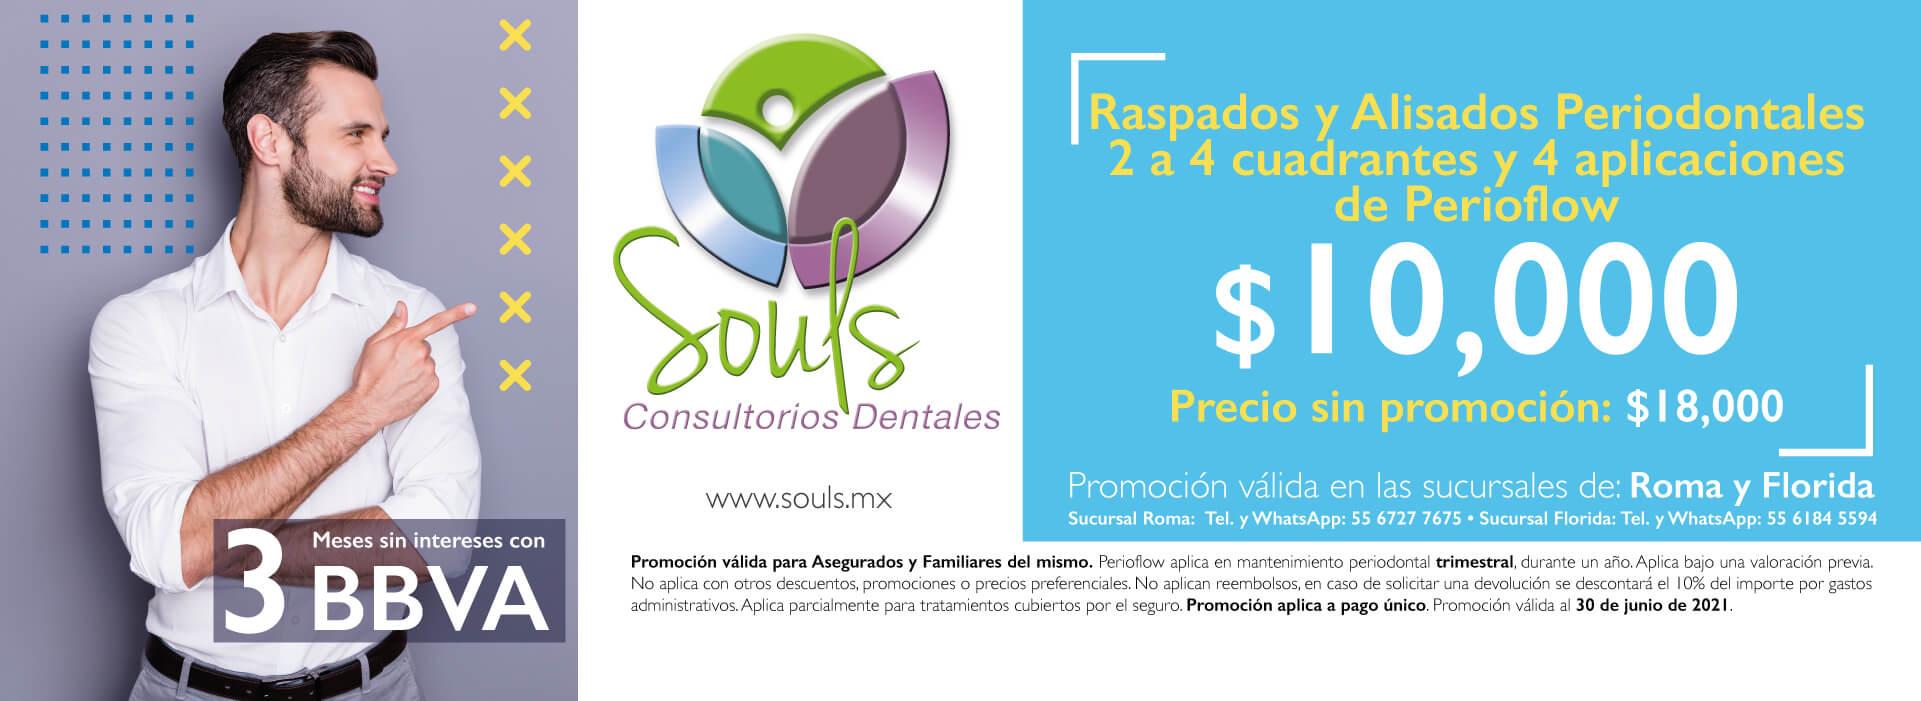 Souls Consultorios Dentales